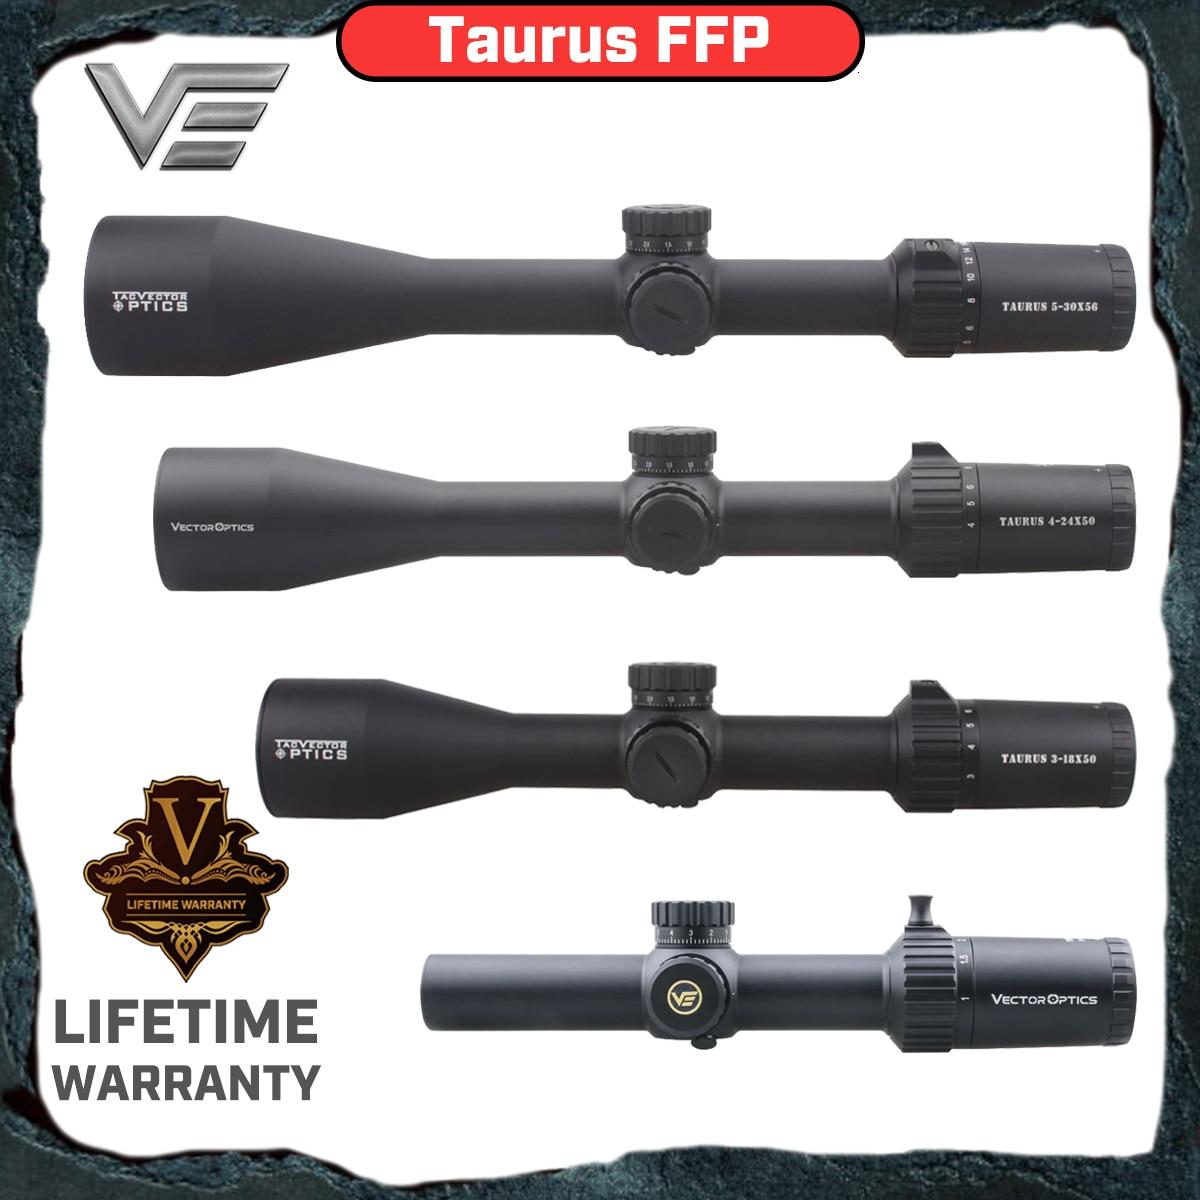 Vecteur optique Taurus 3-18x 4-24x 50mm 5-30x 56mm FFP tactique précision lunette de visée haute qualité longue portée portée de chasse